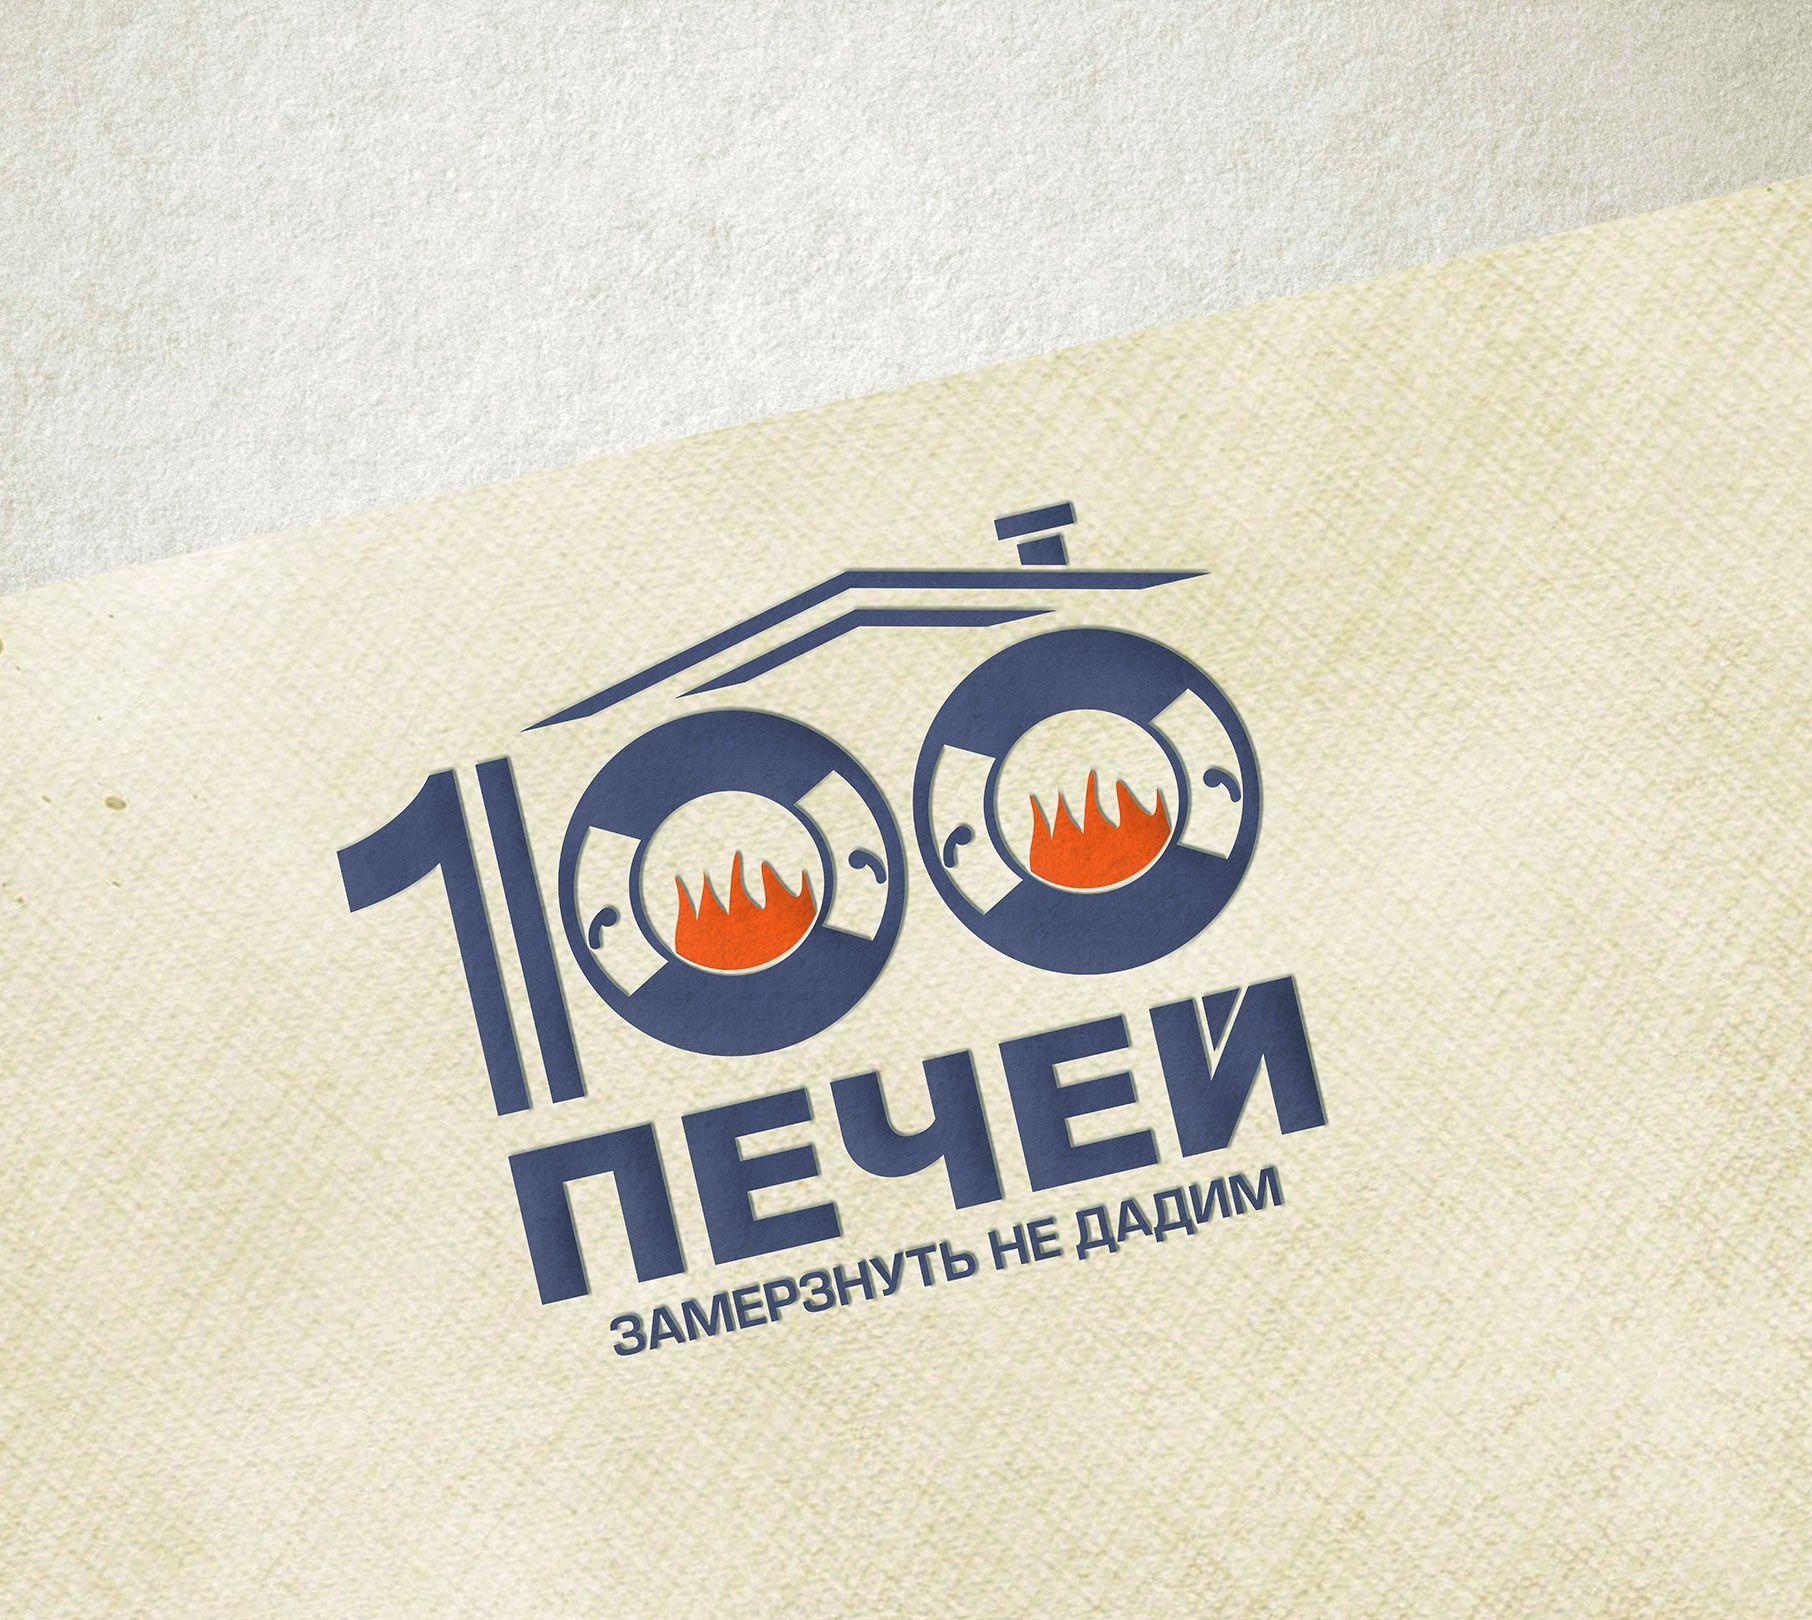 Логотип 100 печей - дизайнер cloudlixo